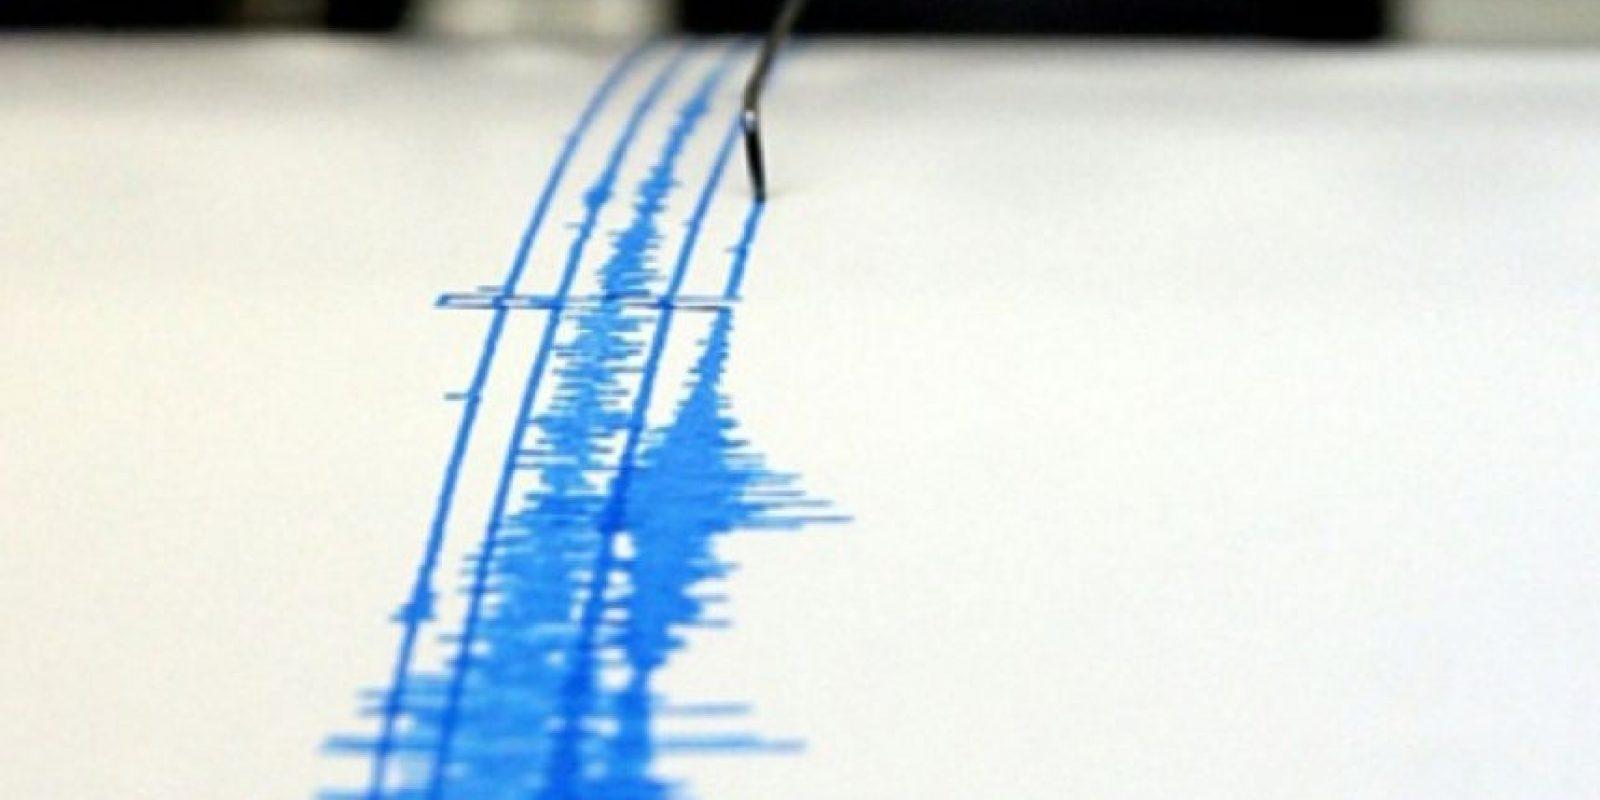 El movimiento telúrico tuvo una magnitud de 5,1 en la escala de Richter. Foto:vía Getty Images